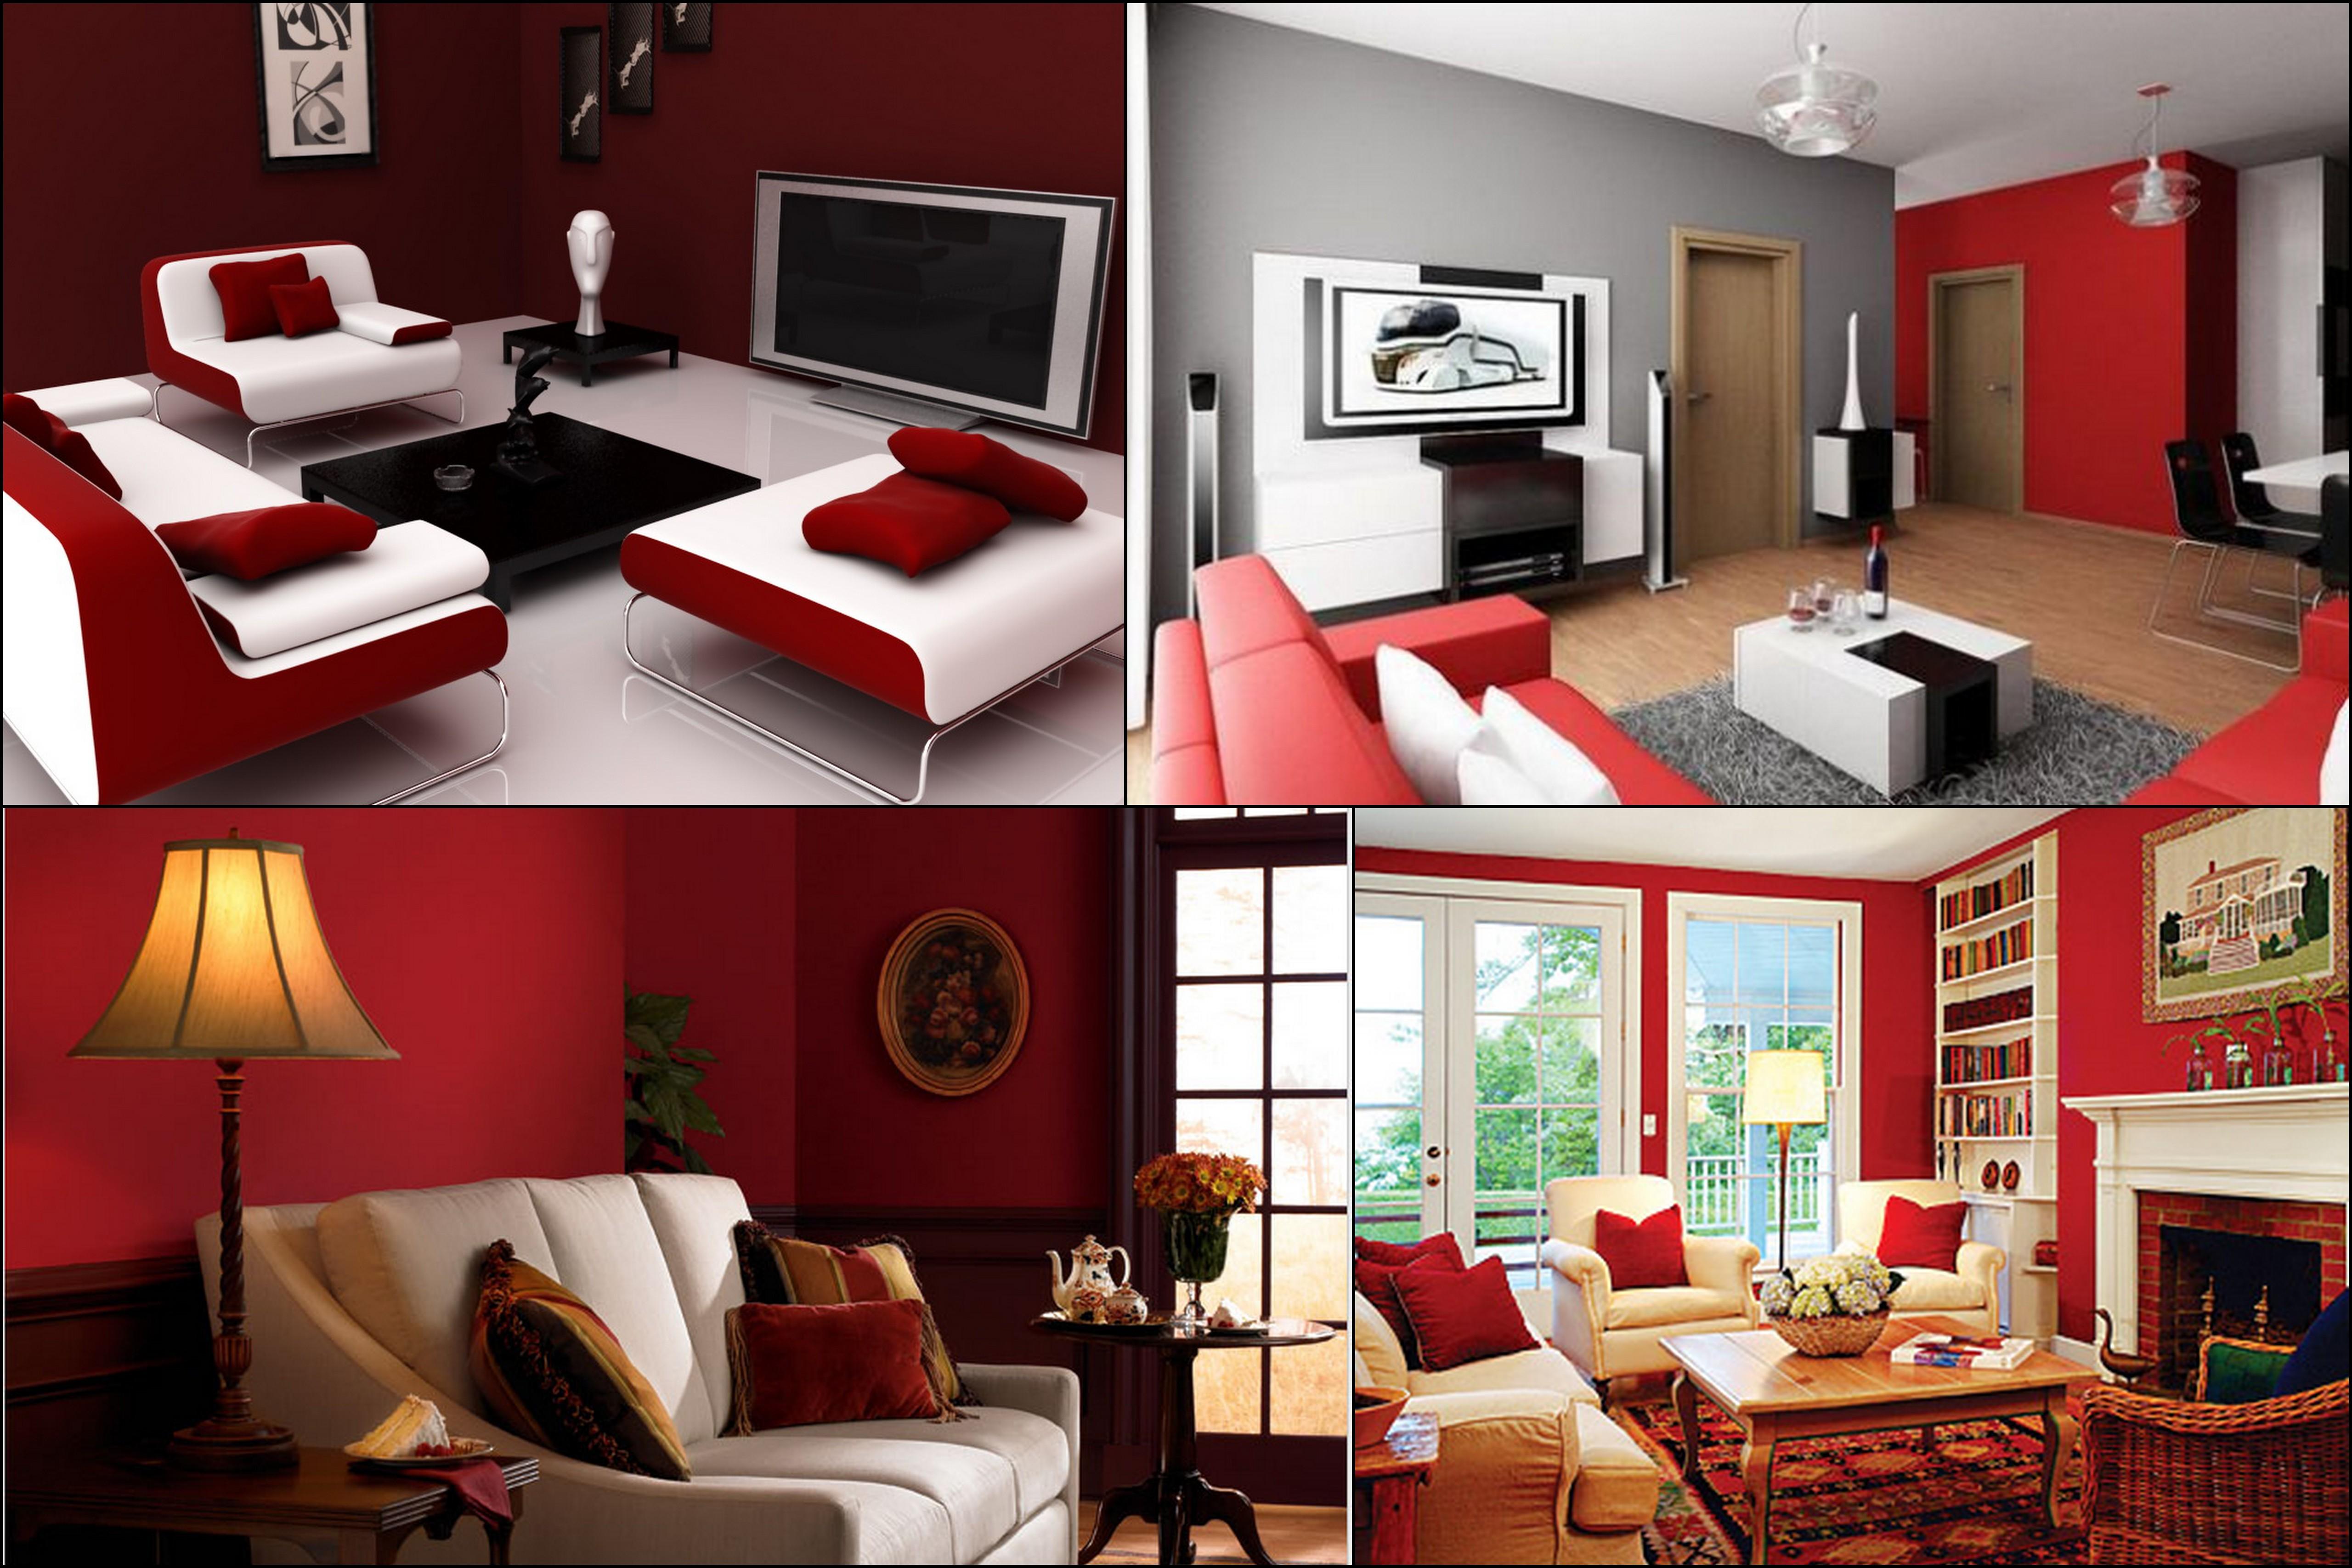 #A62526 Photo ©: www.olharmoderno.com 400 x 400 jpeg 11kB 5120x3413 píxeis em Como Decorar Sala Simples E Pequena